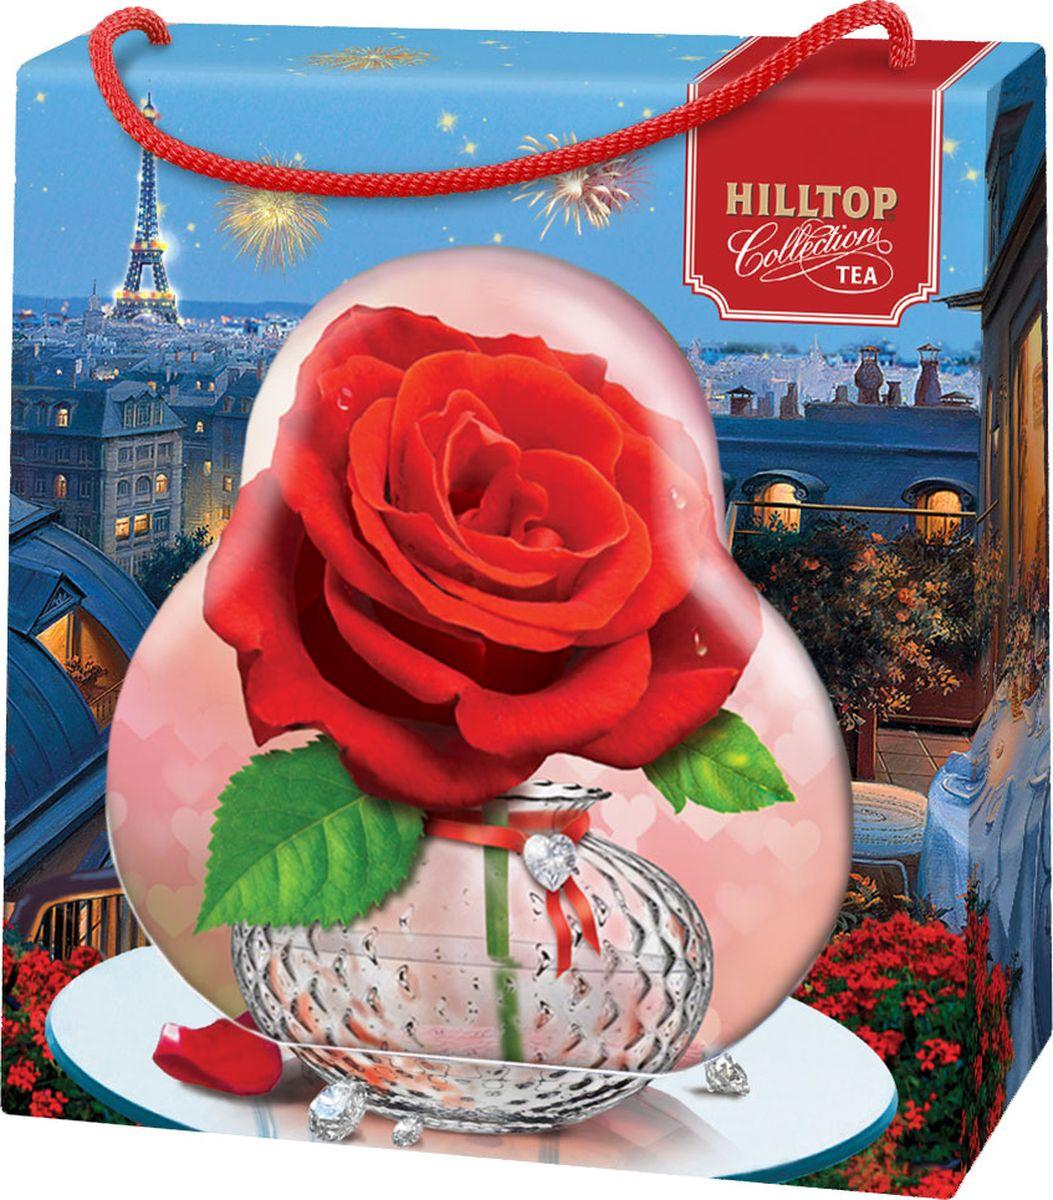 Hilltop Роза чай листовой королевское золото, 50 г hilltop зеленая симфония зеленый листовой чай 100 г